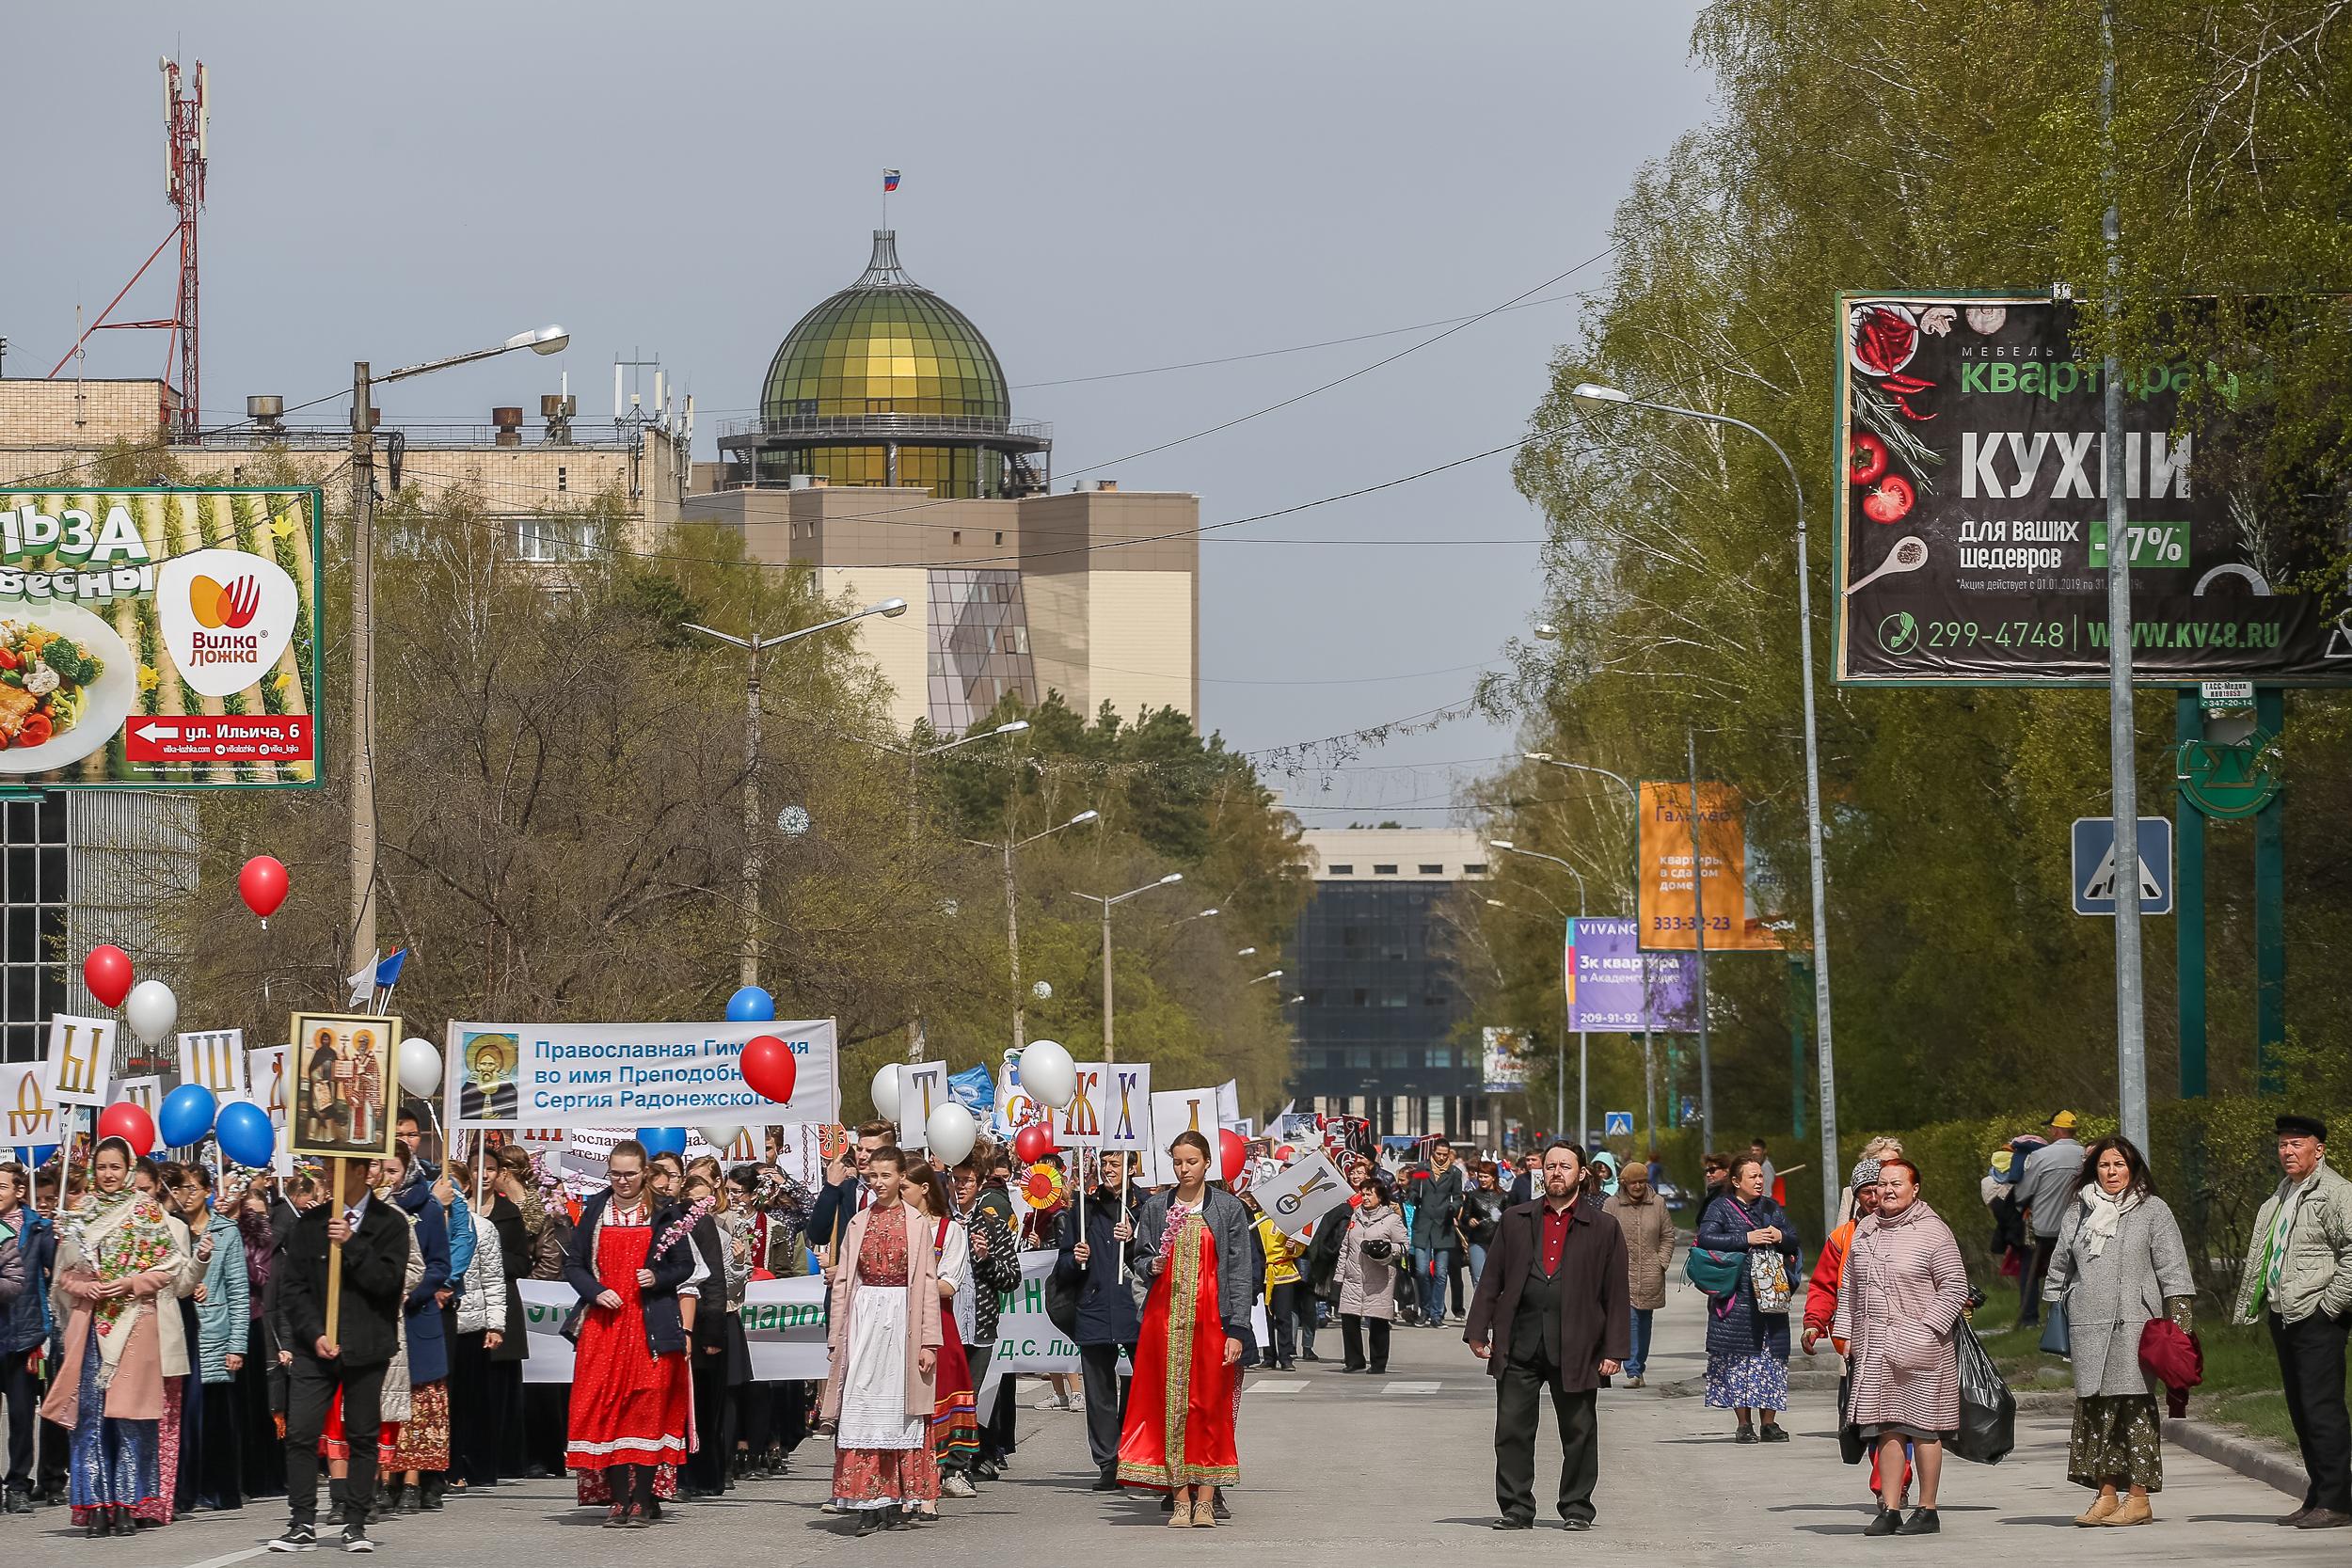 Ради шествия перекрыли улицу Ильича, но никто не возмущался. Многие жители и так мечтают, чтобы она стала пешеходной навсегда